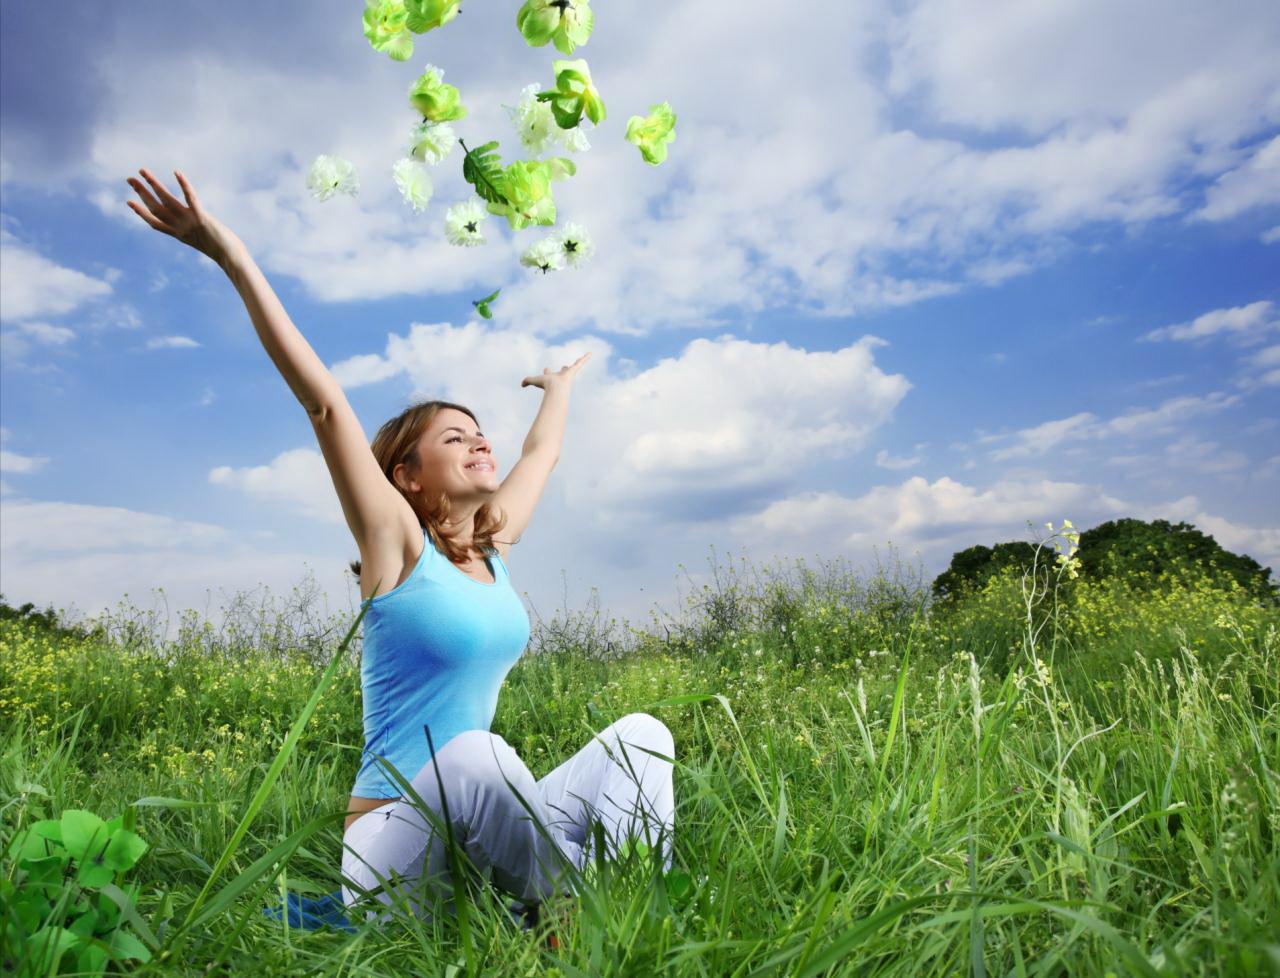 гармония, счастье жизни, девушка на траве